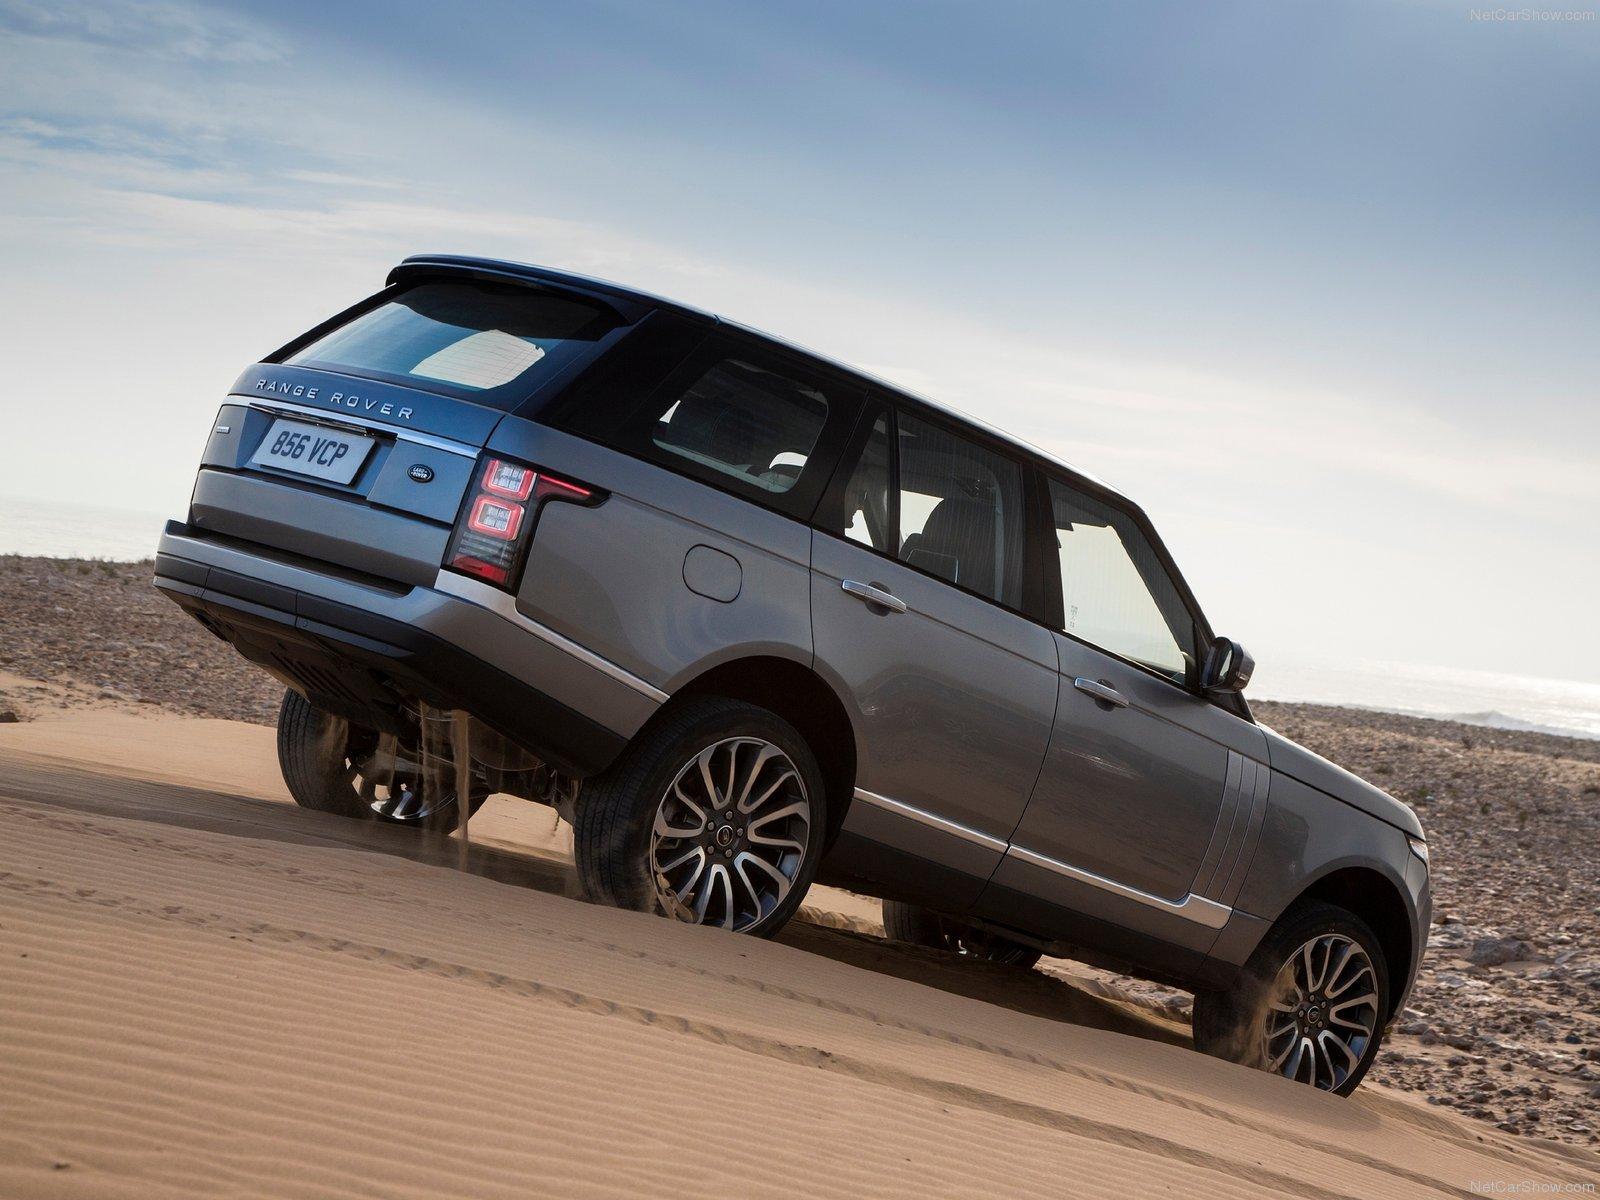 Land_Rover-Range_Rover_2013_Best Luxury SUV 1